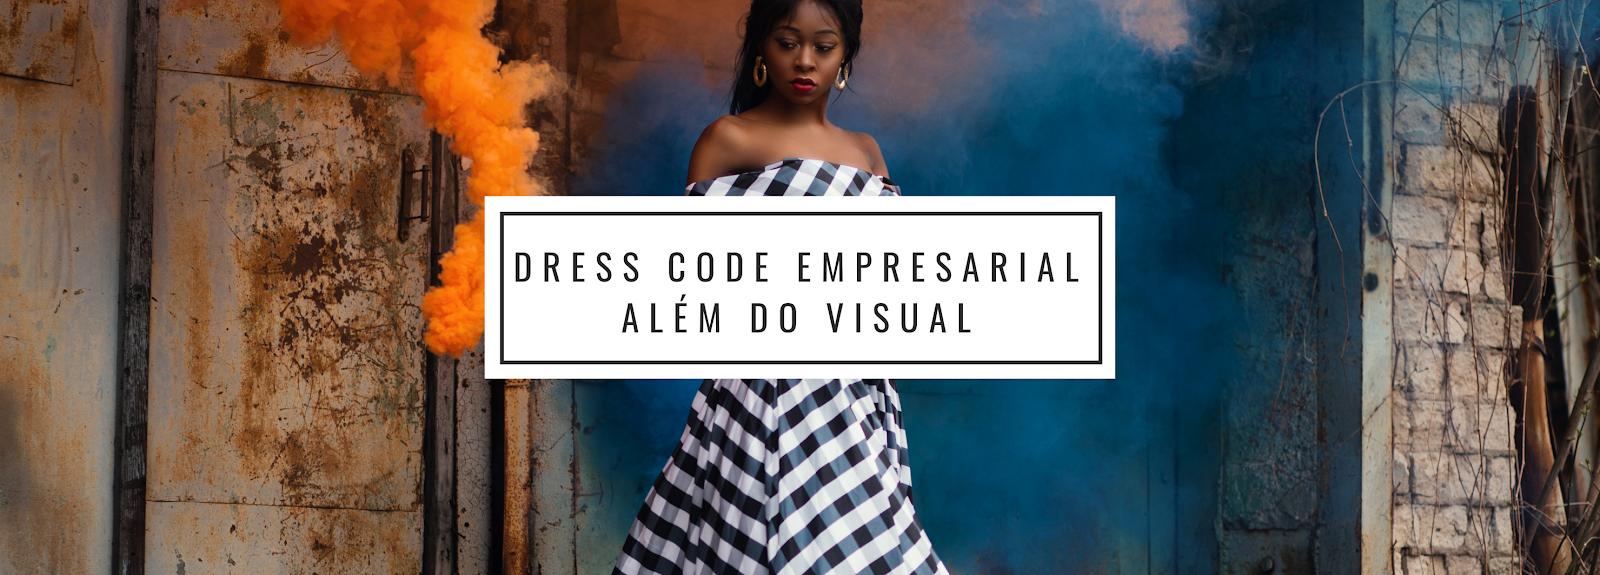 Dresscode: além do visual